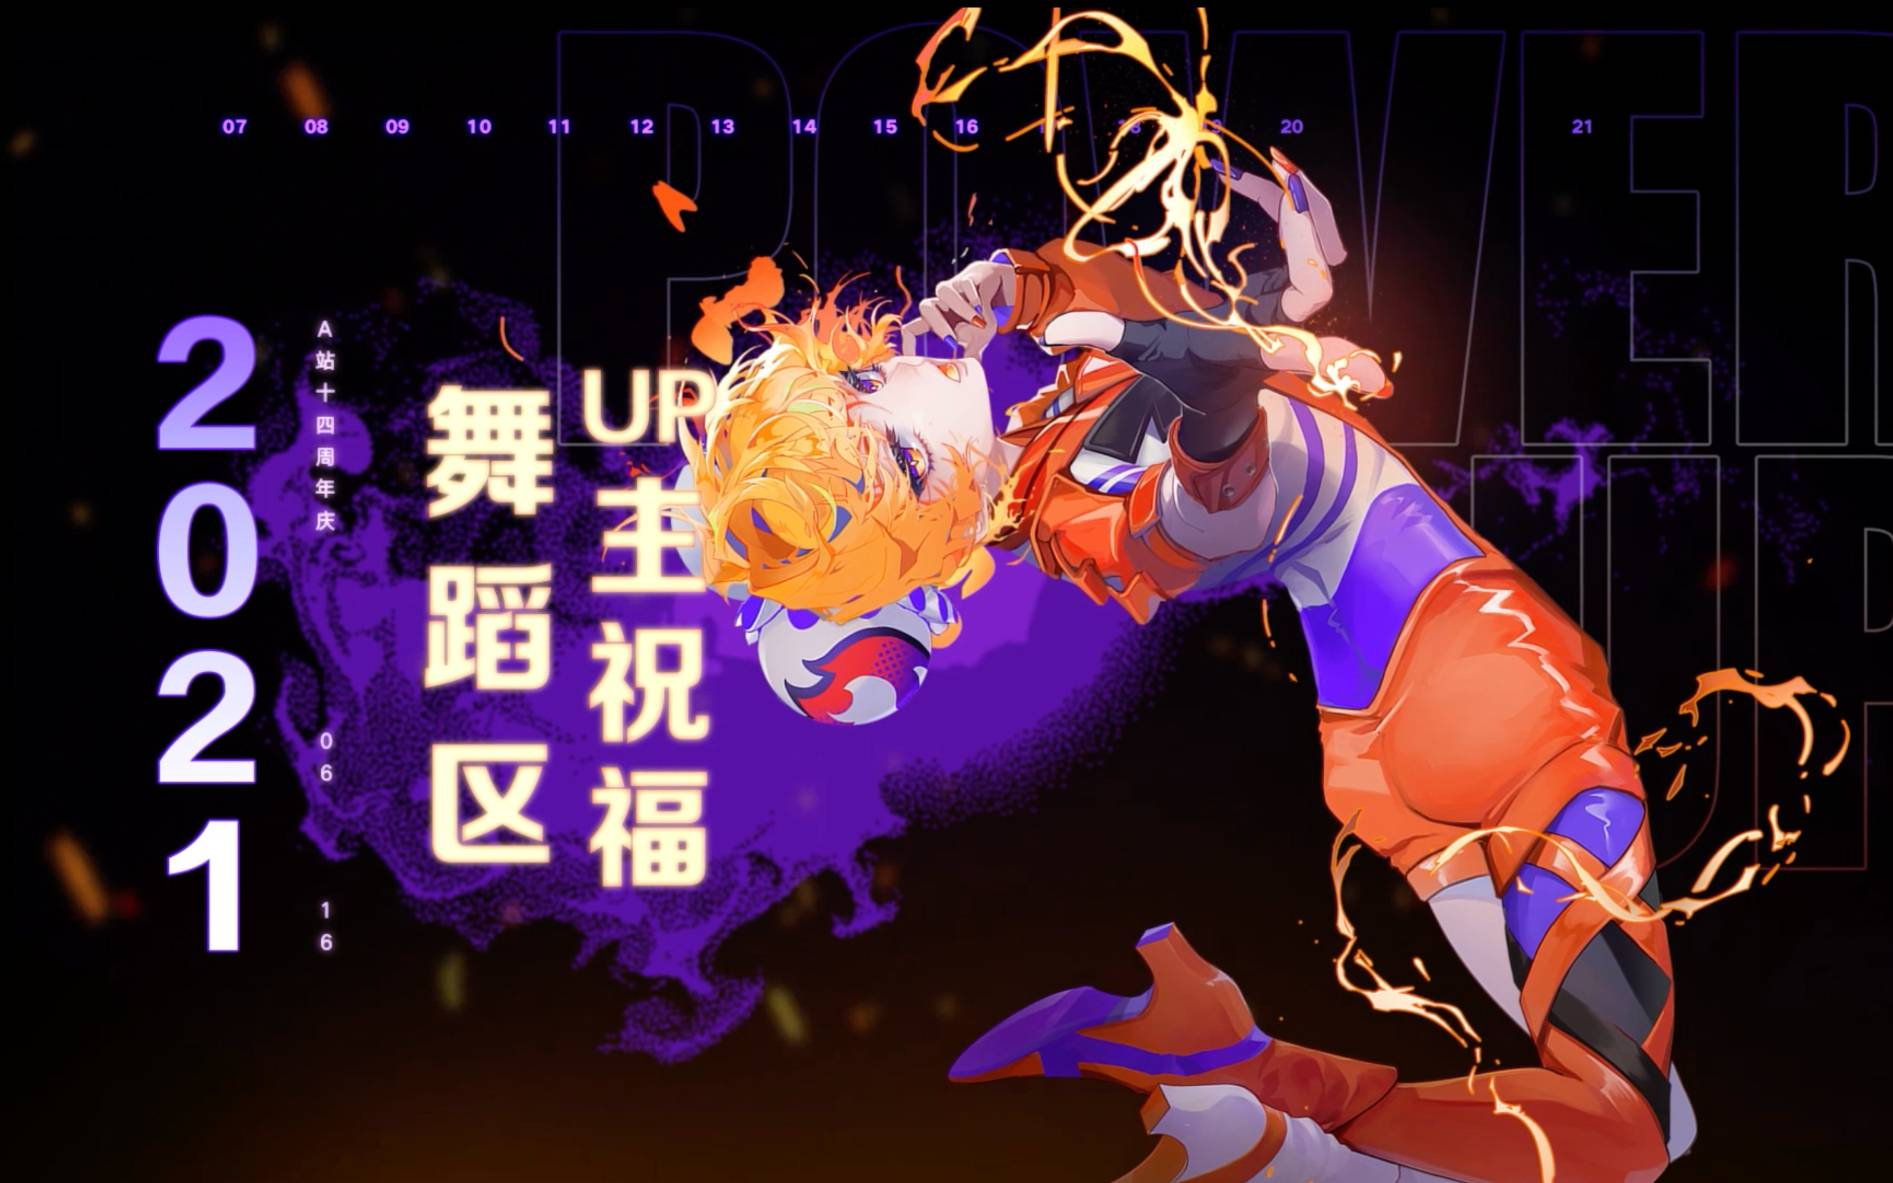 【十四周年庆】舞蹈区UP主祝AcFun生日快乐!